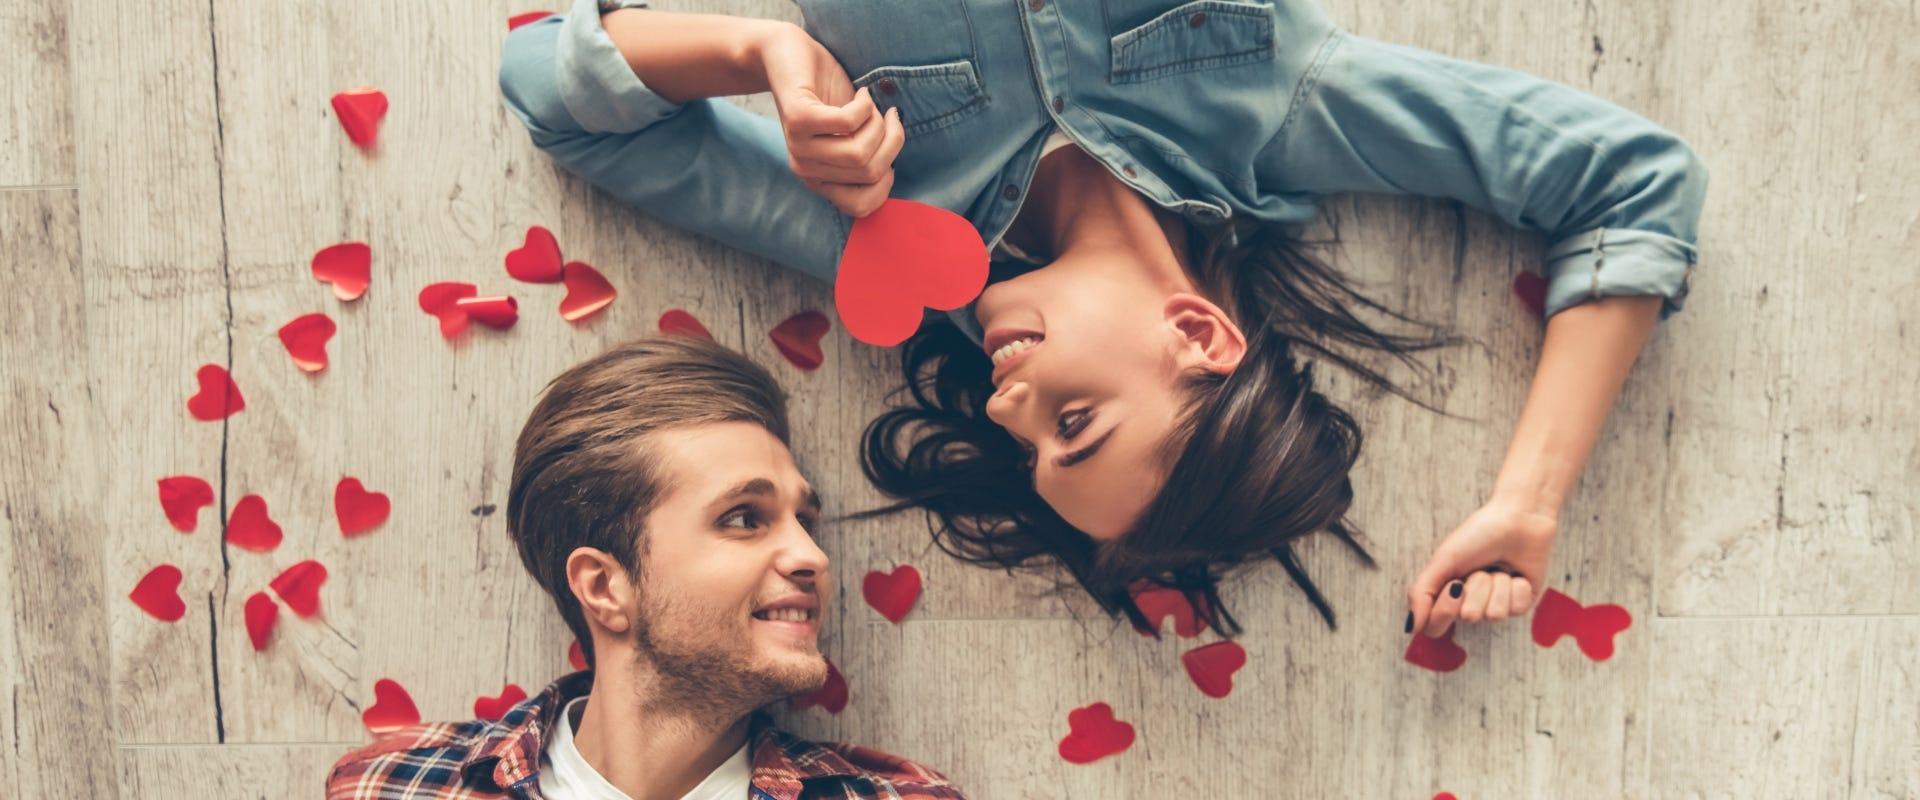 Los regalos más románticos para el 14 de febrero